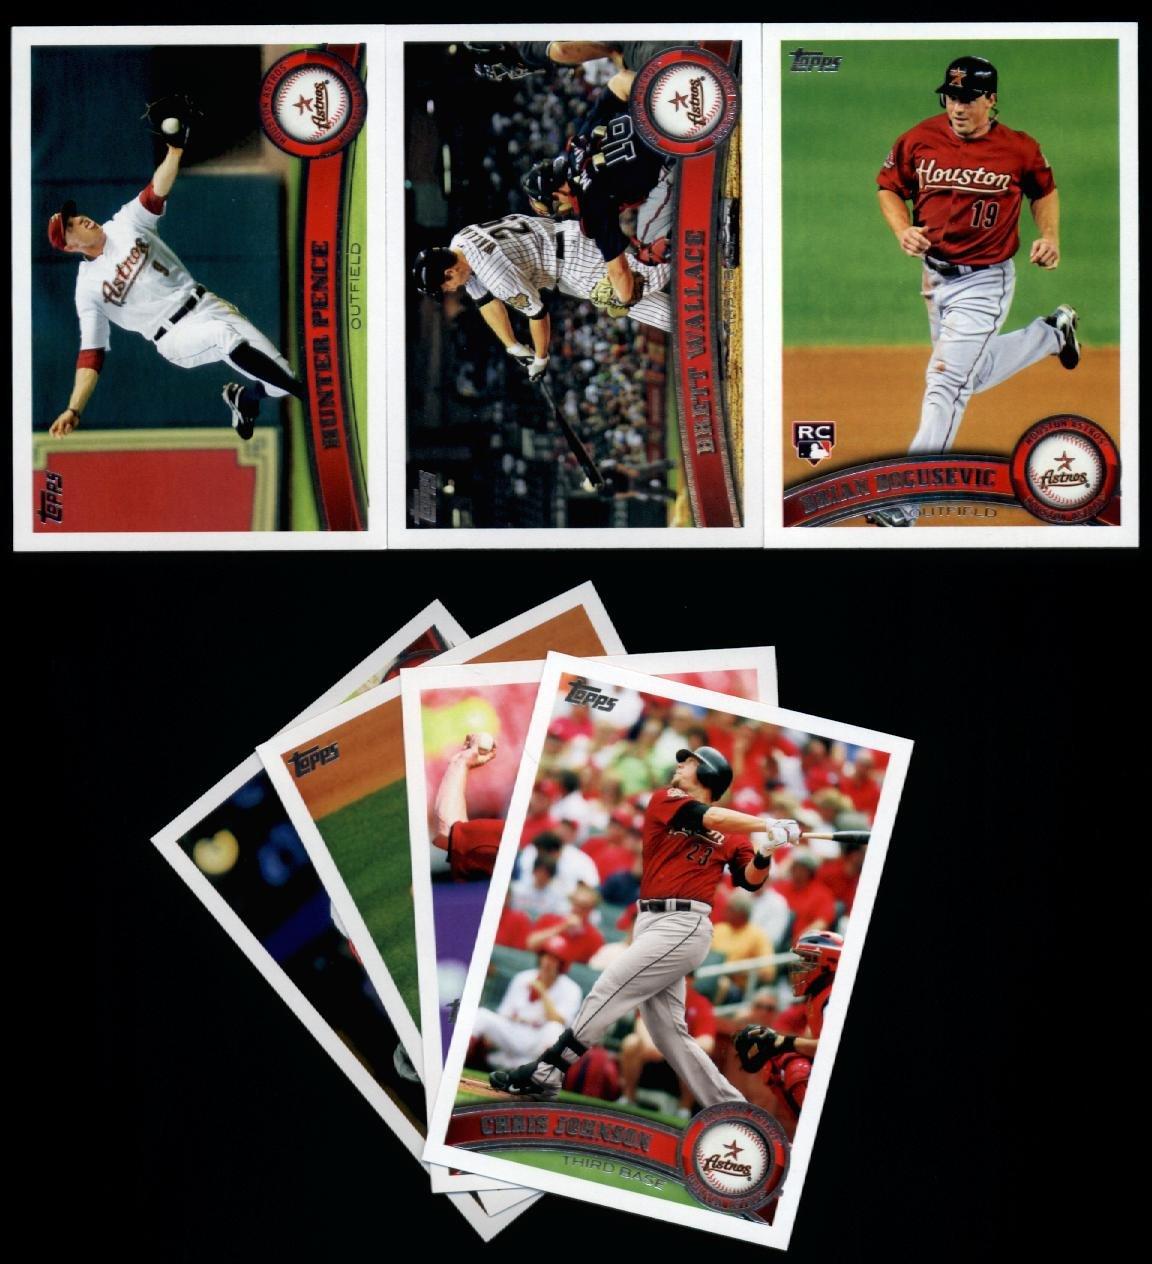 2011 Topps Houston Astros Baseball Cards Team Set 17 Cards